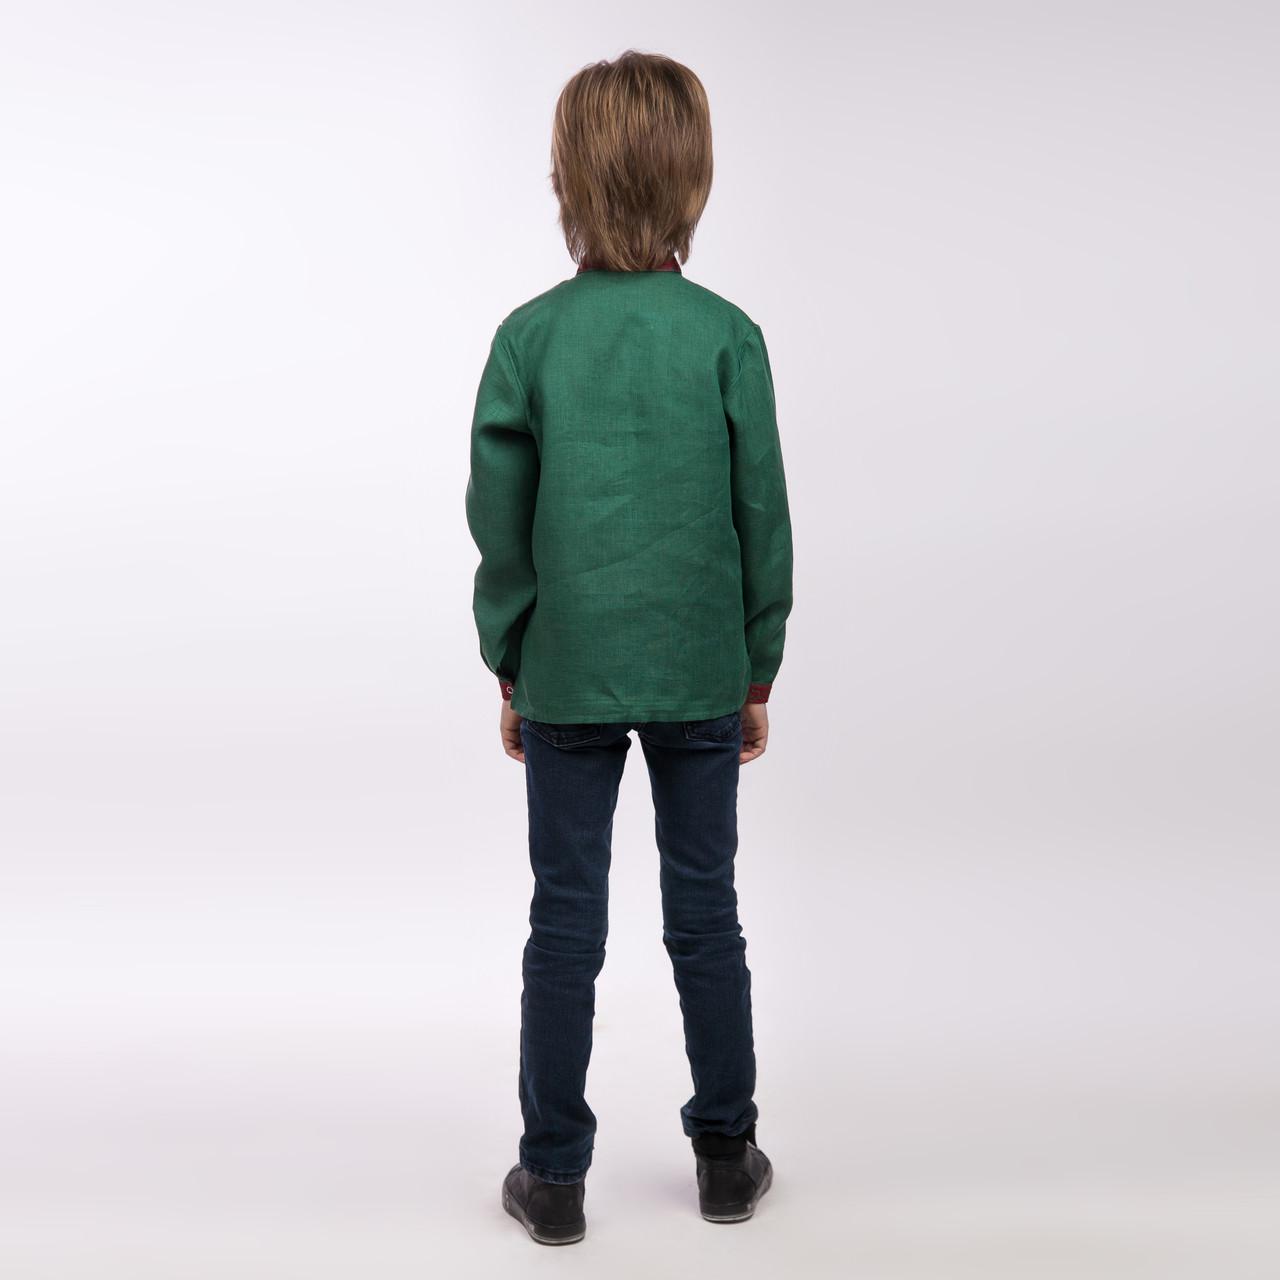 Вышиванка для мальчика, изумруд - фото 3